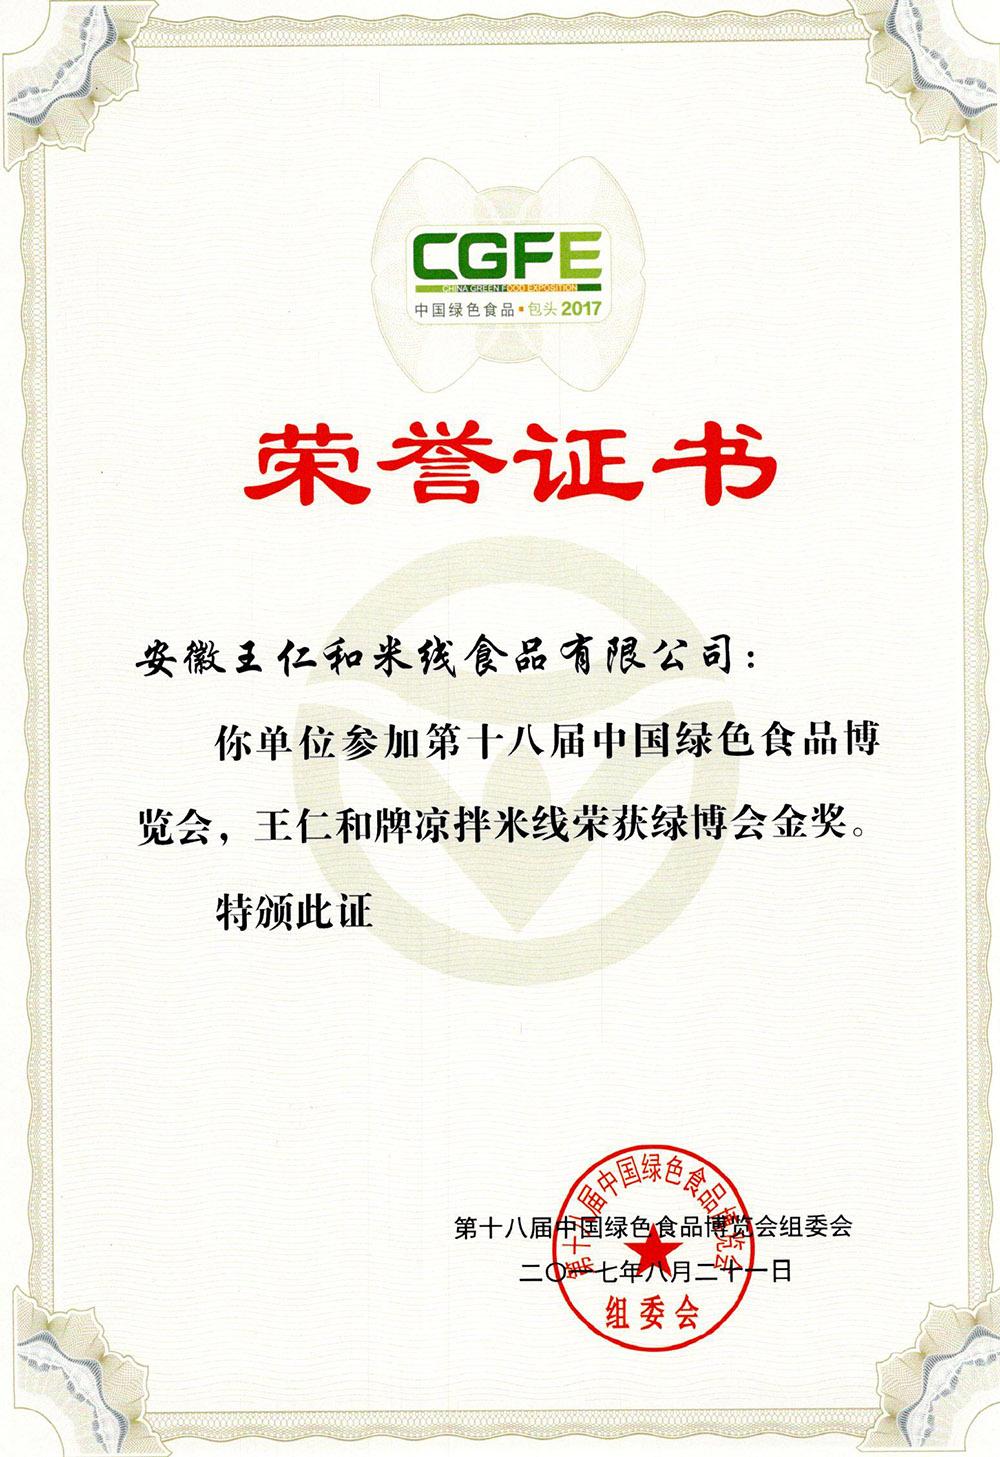 王仁和凉拌米线荣获绿博会金奖